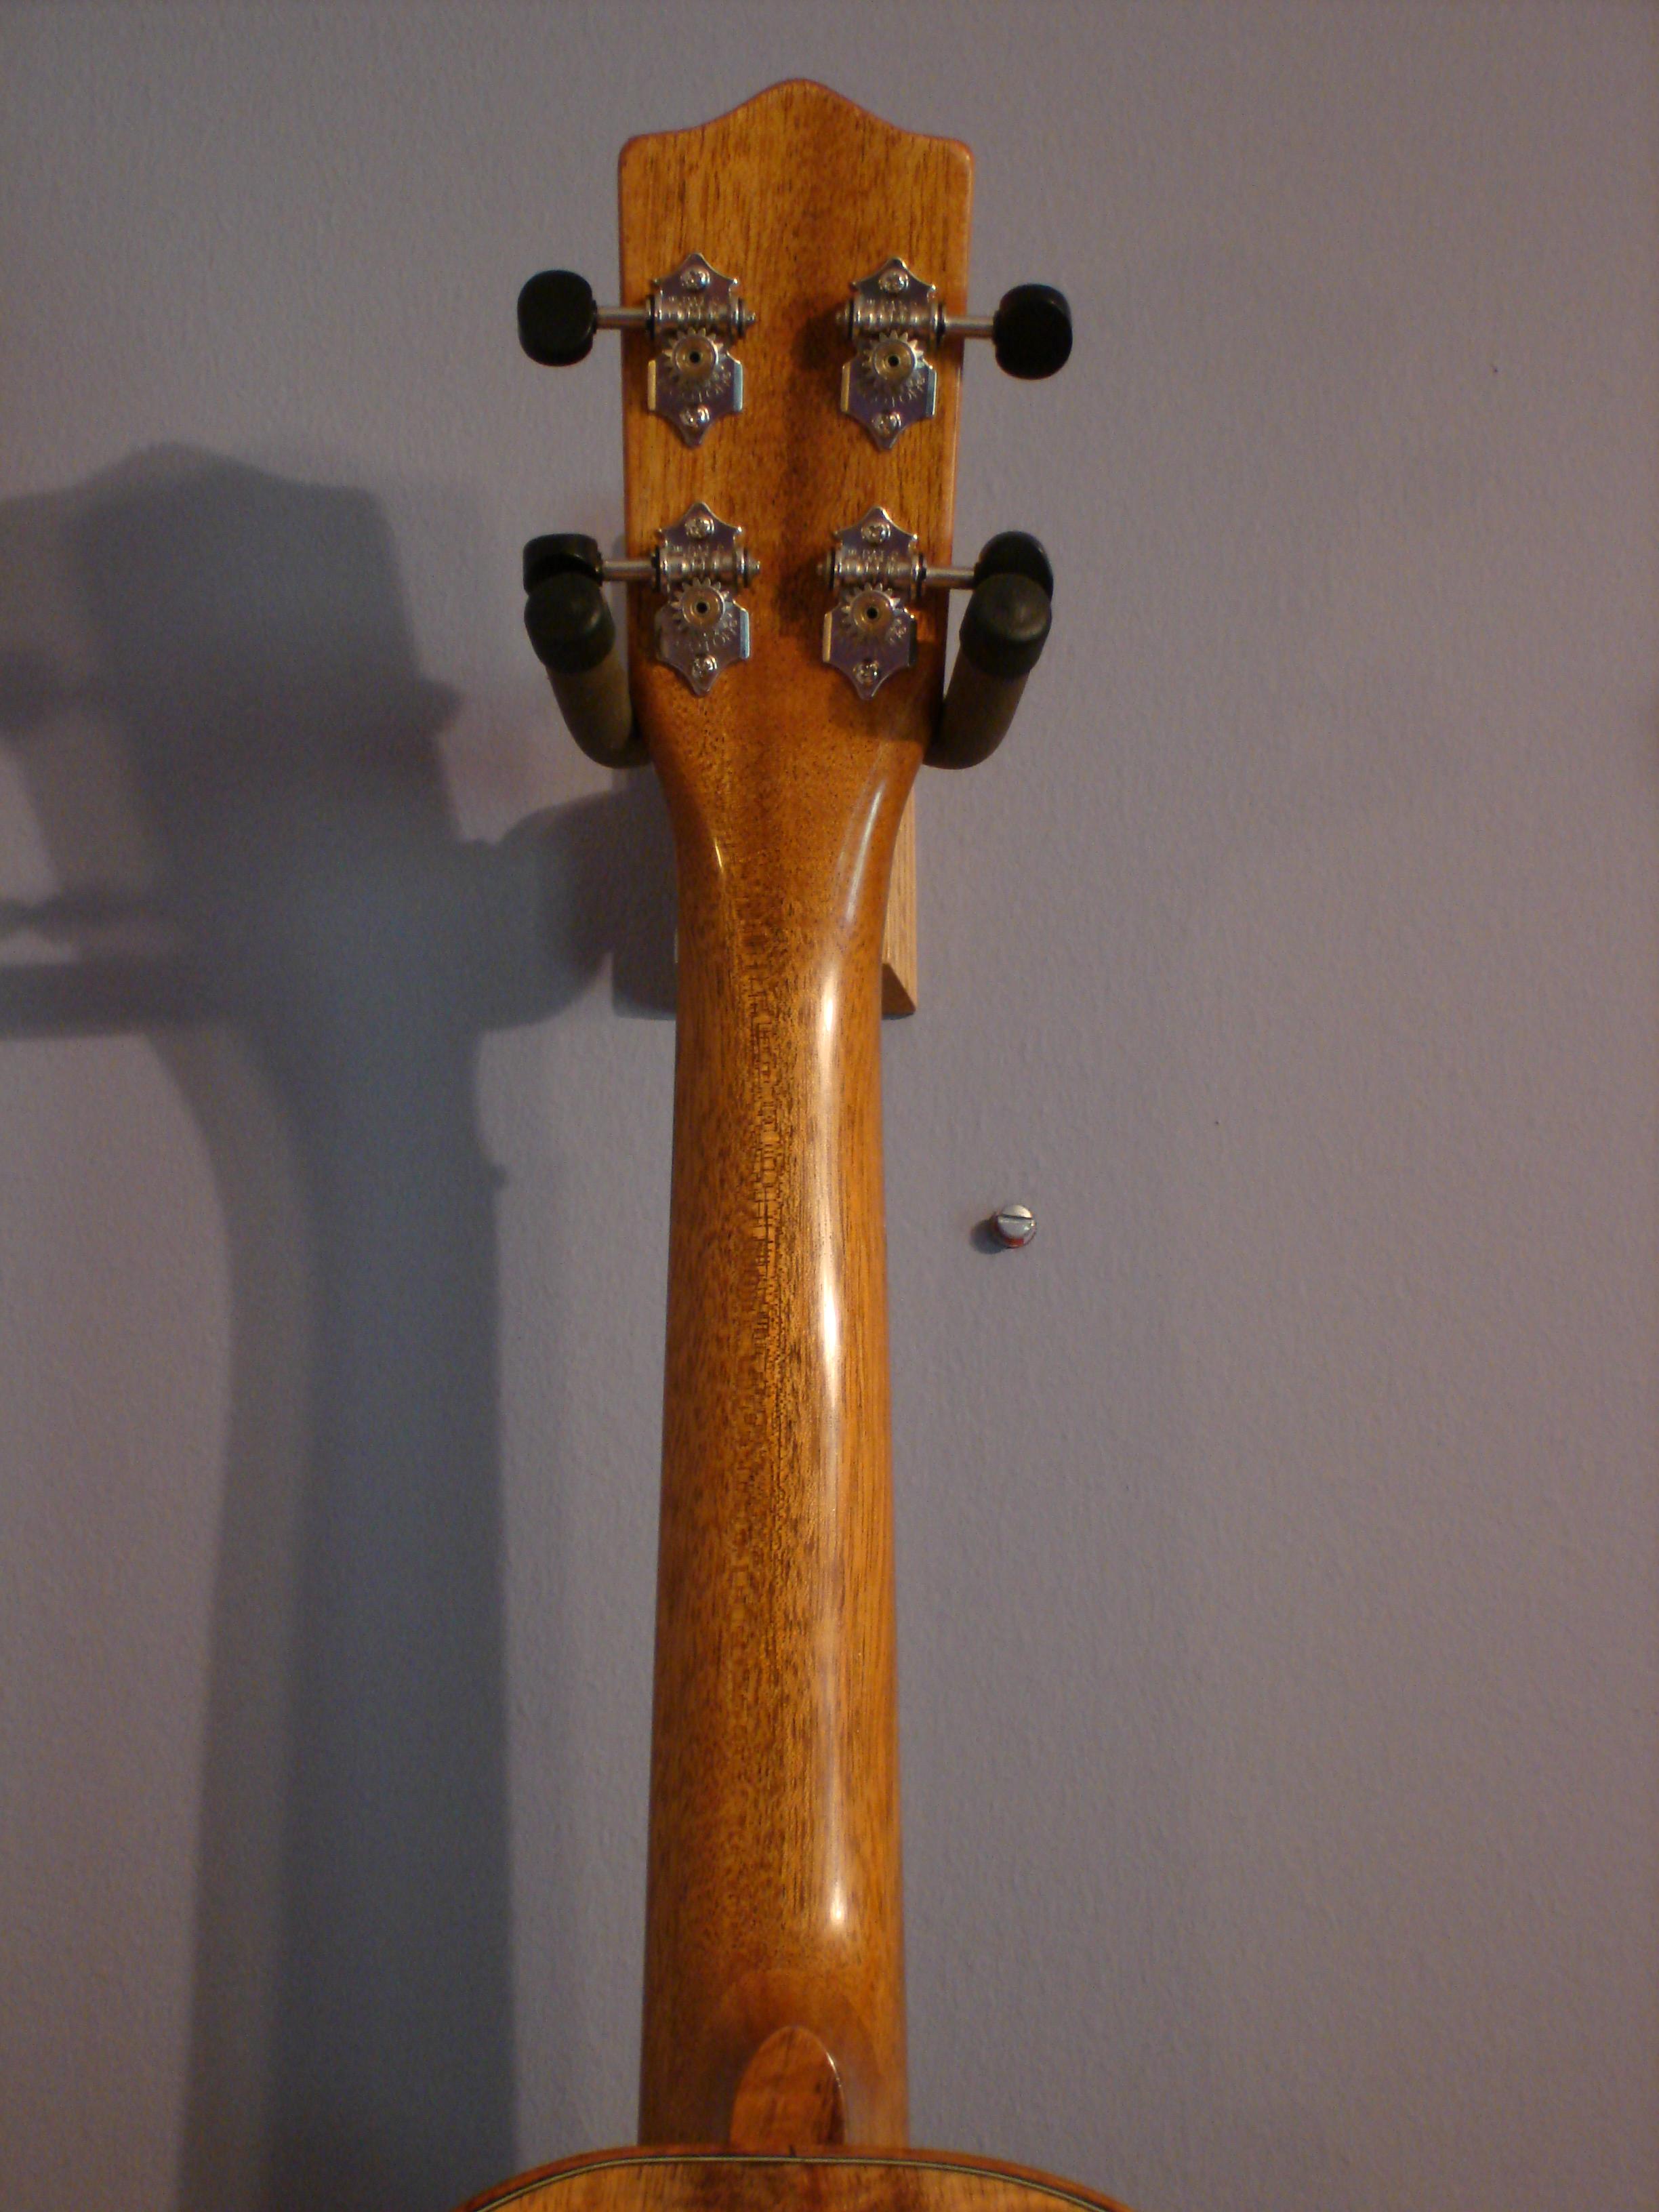 Concert Ukulele Neck